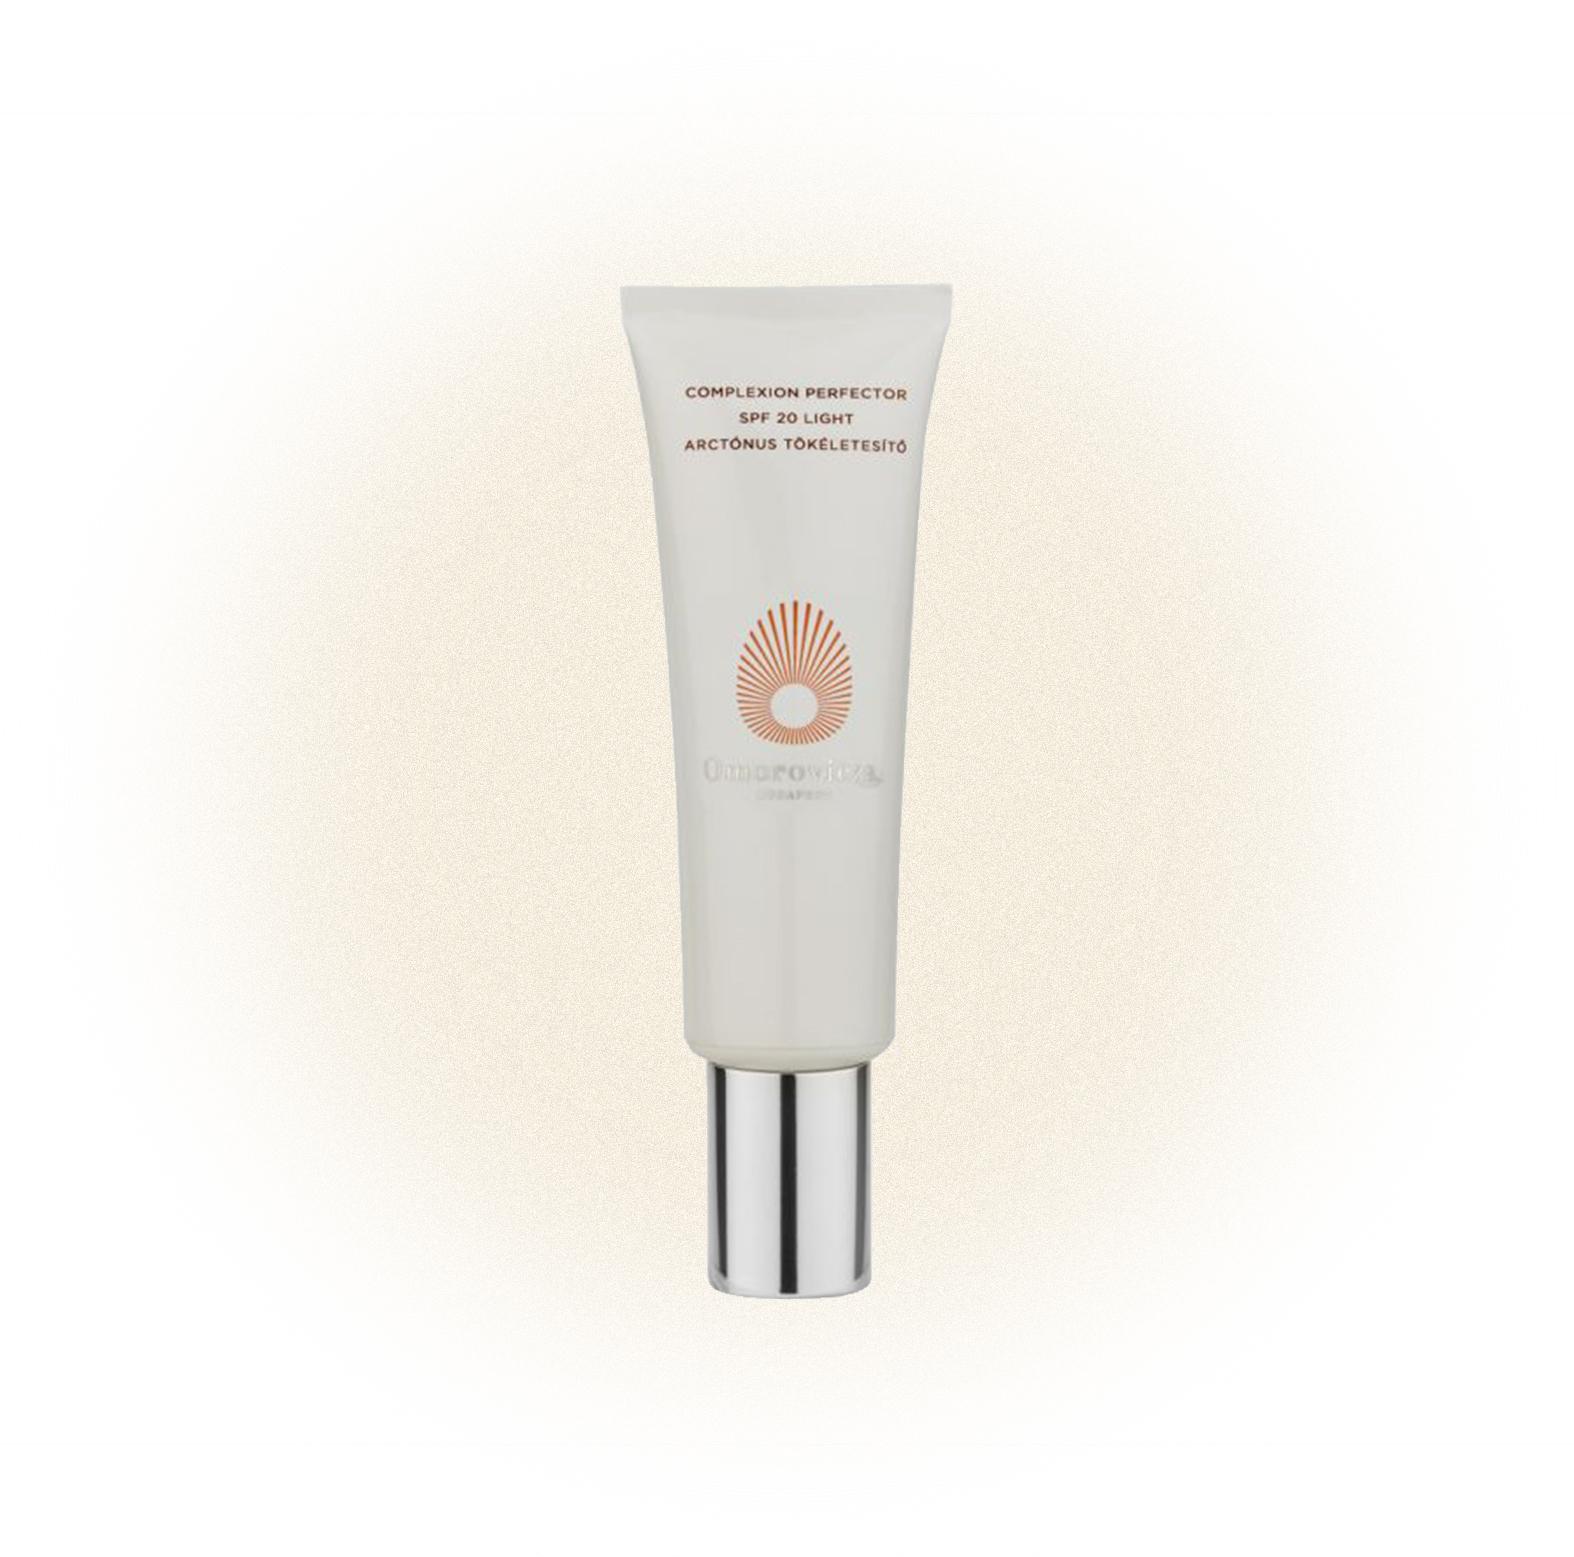 Тональный крем SPF20 Omorovicza Complexion Perfector SPF 20 Light